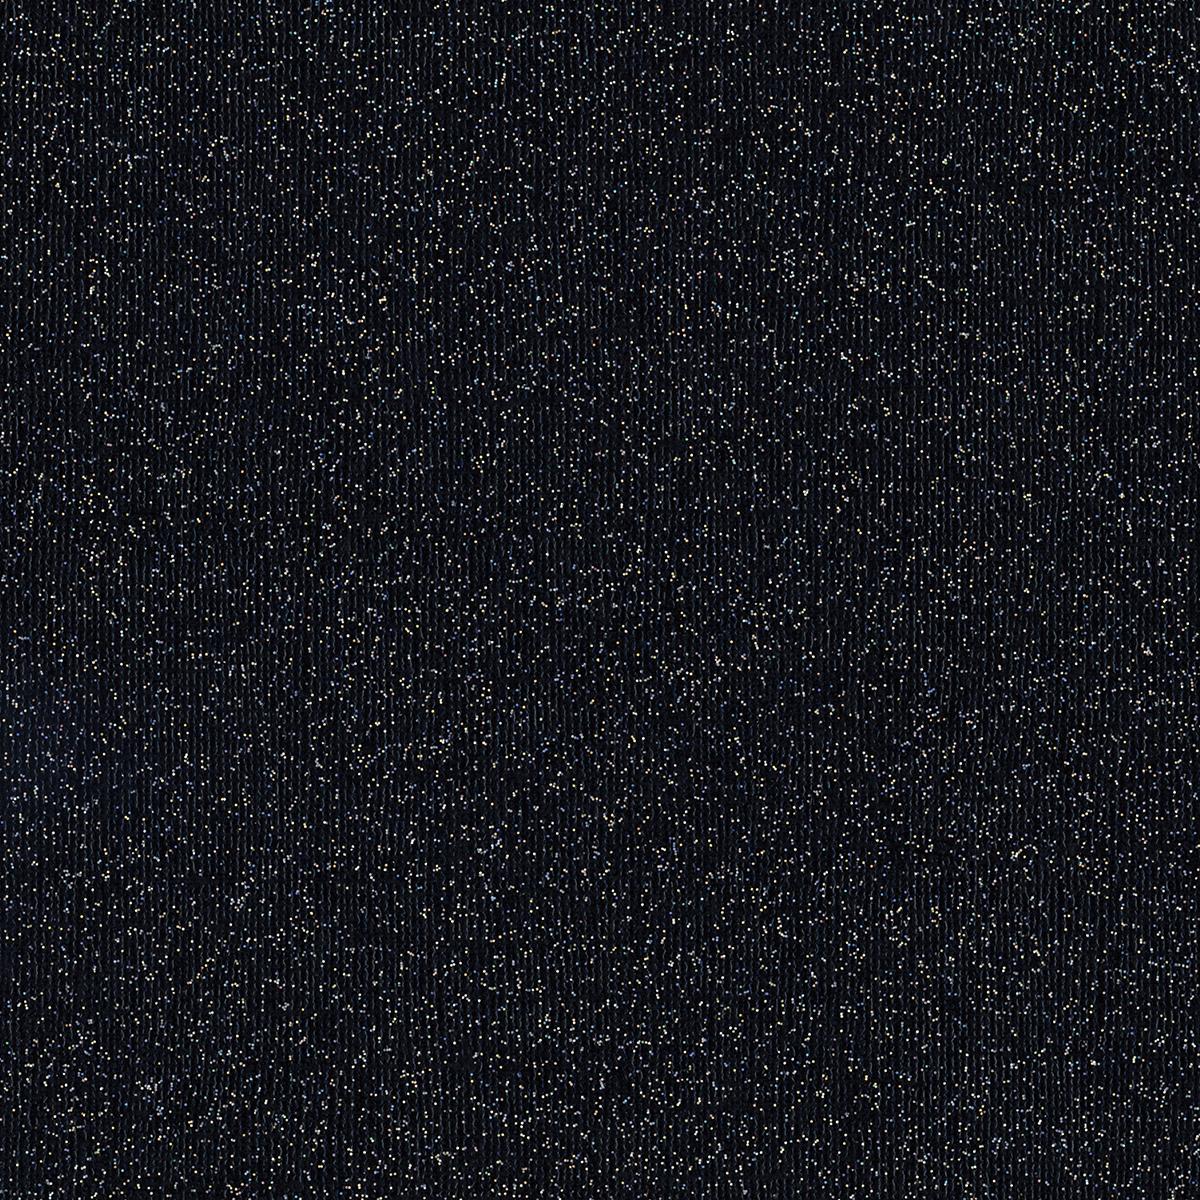 Black Tie Glitter Paper AC